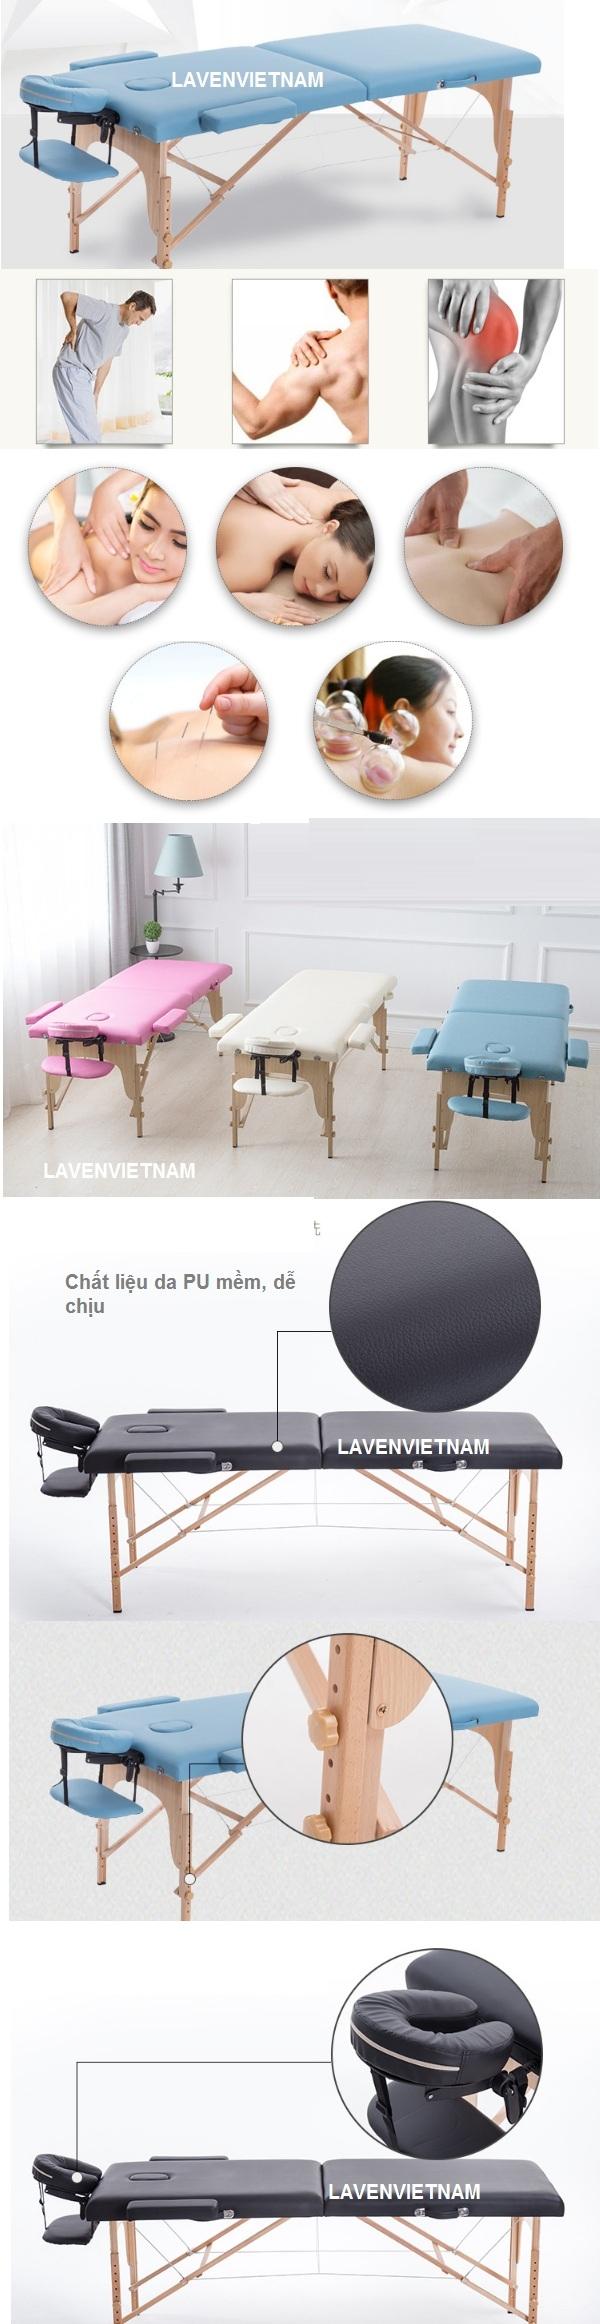 Giường gấp massage xoa bóp bấm huyệt dạng vali chân gỗ